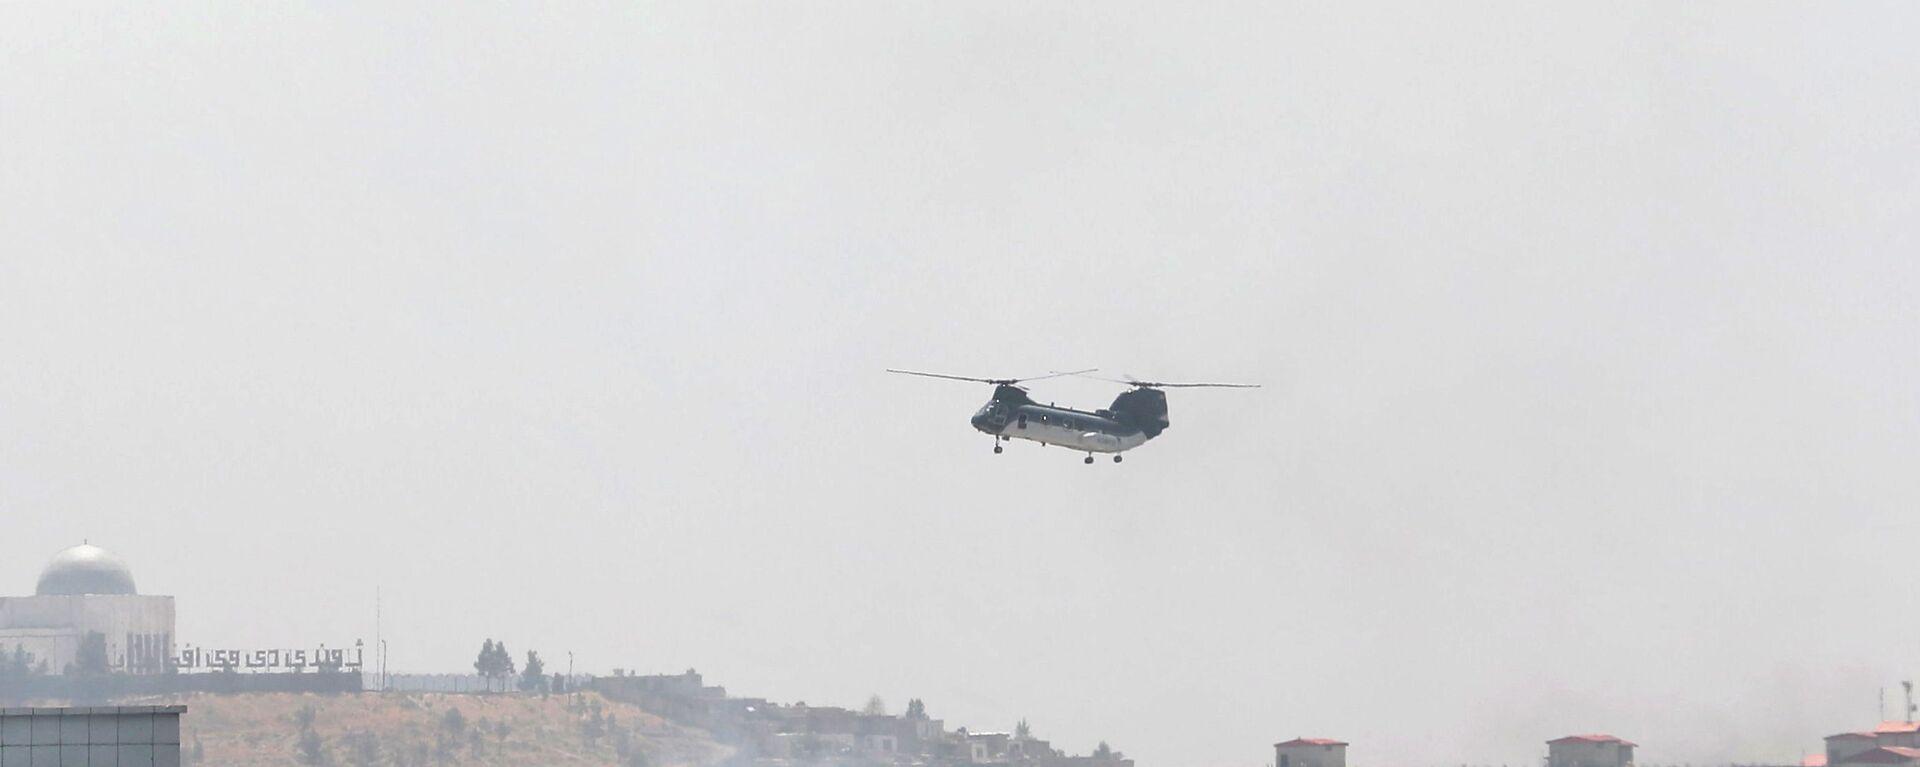 Śmigłowiec wojskowo-transportowy CH-46 Sea Knight przelatuje nad Kabulem, Afganistan, 15 sierpnia 2021 roku. - Sputnik Polska, 1920, 17.08.2021